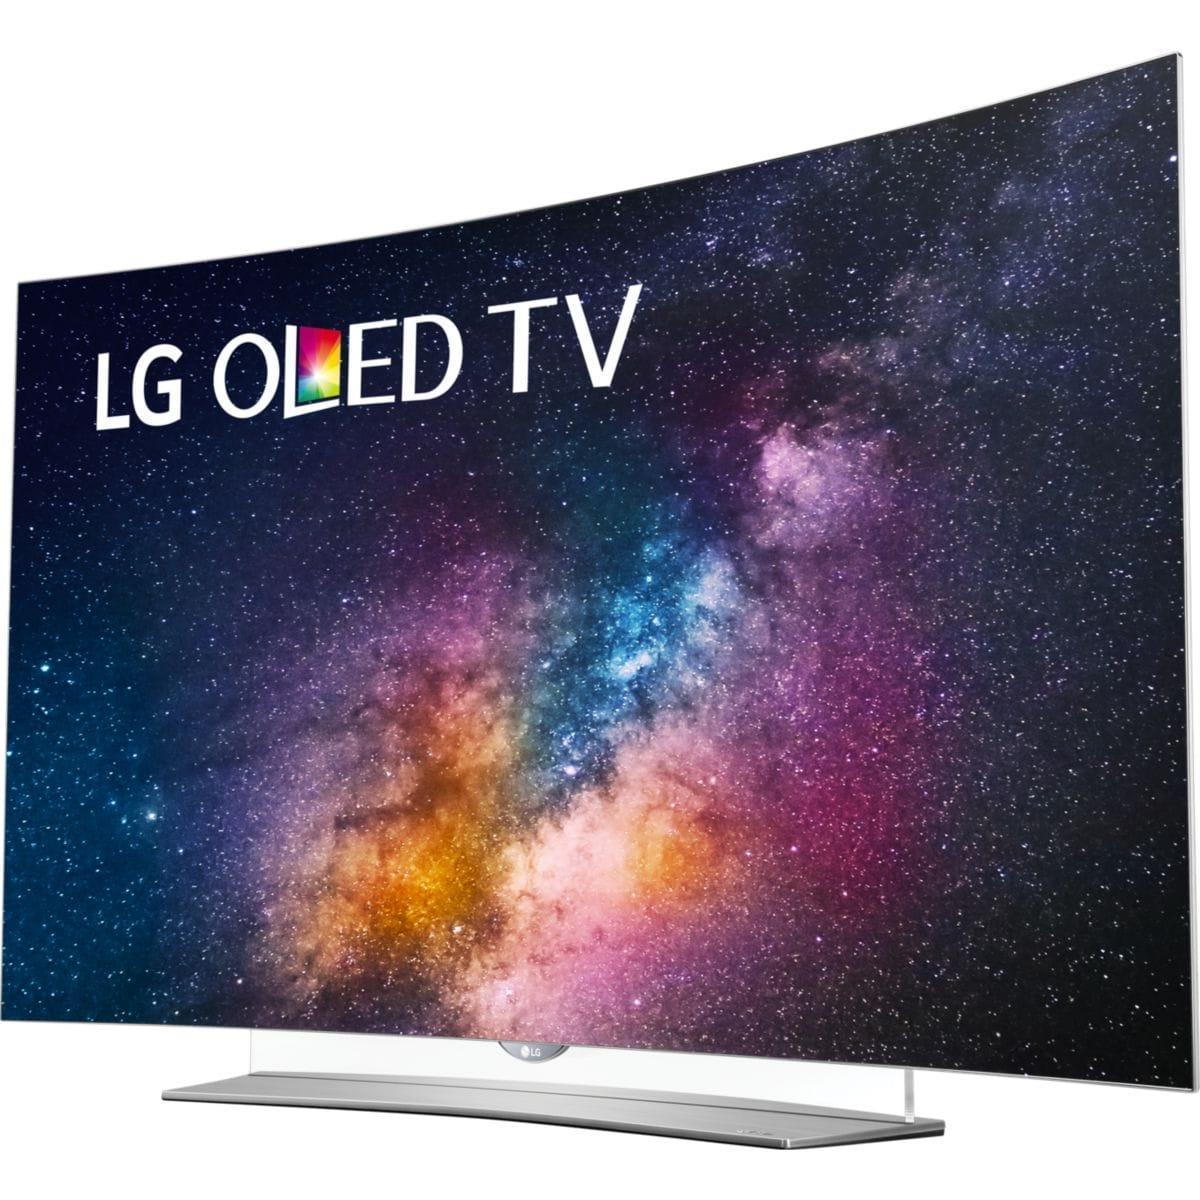 smart tv oled 3d 4k ultra hd 139 cm lg 55eg960v incurv e reconditionn back market. Black Bedroom Furniture Sets. Home Design Ideas